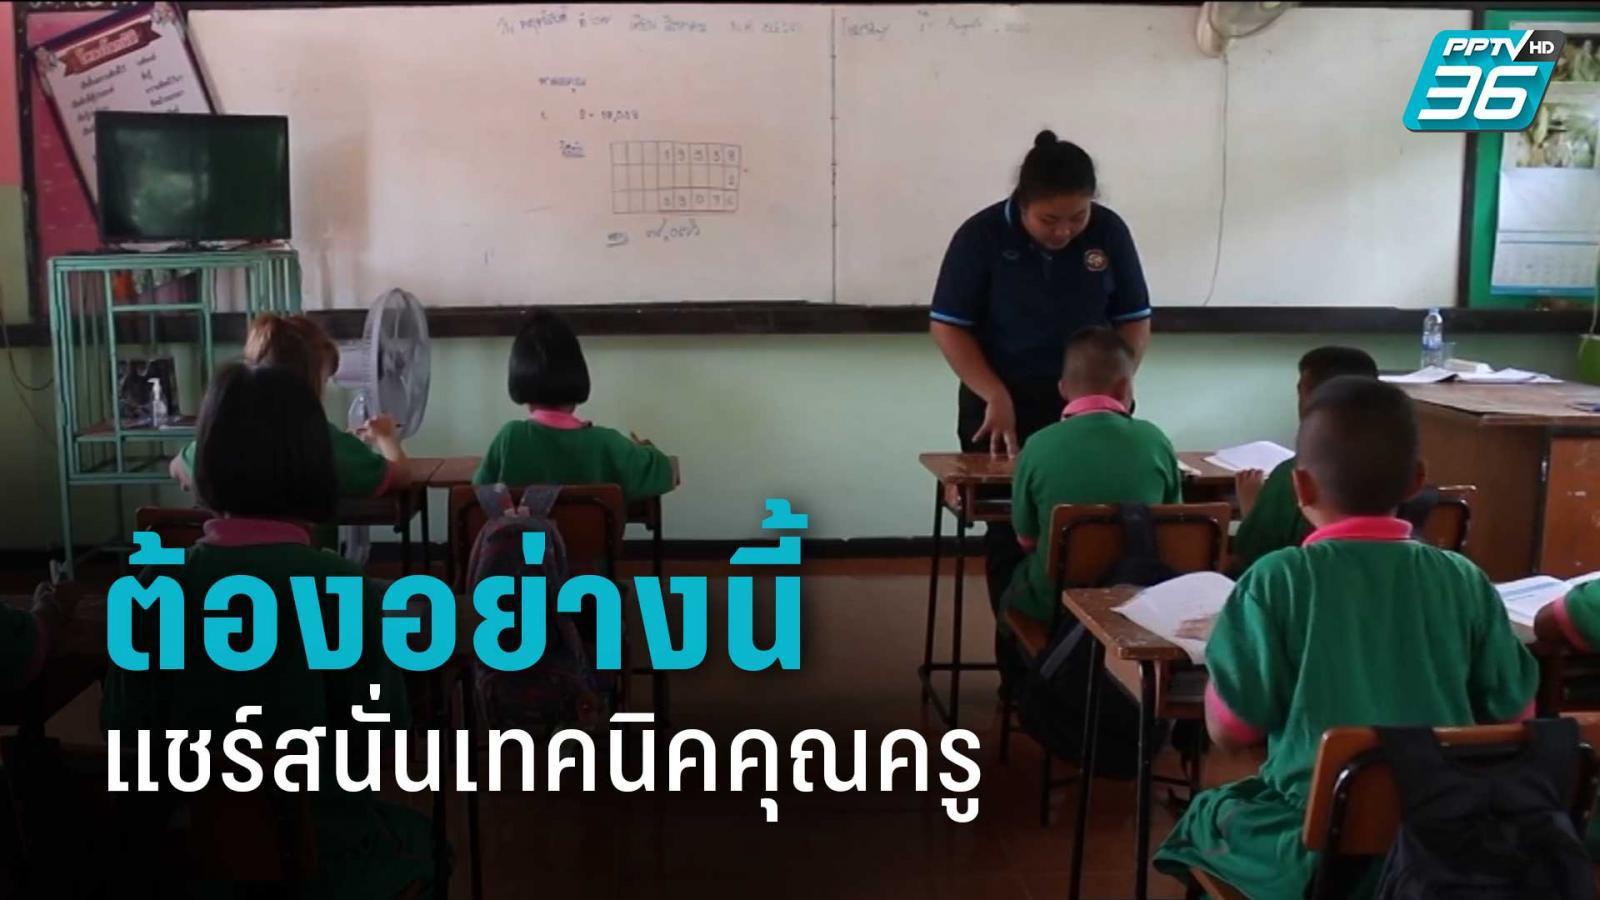 คลิปสุดน่ารัก เทคนิคคุณครู สอนภาษาไทย 'เจ้าหนูลูกชิ้น' แบบลุ้นสุดตัว